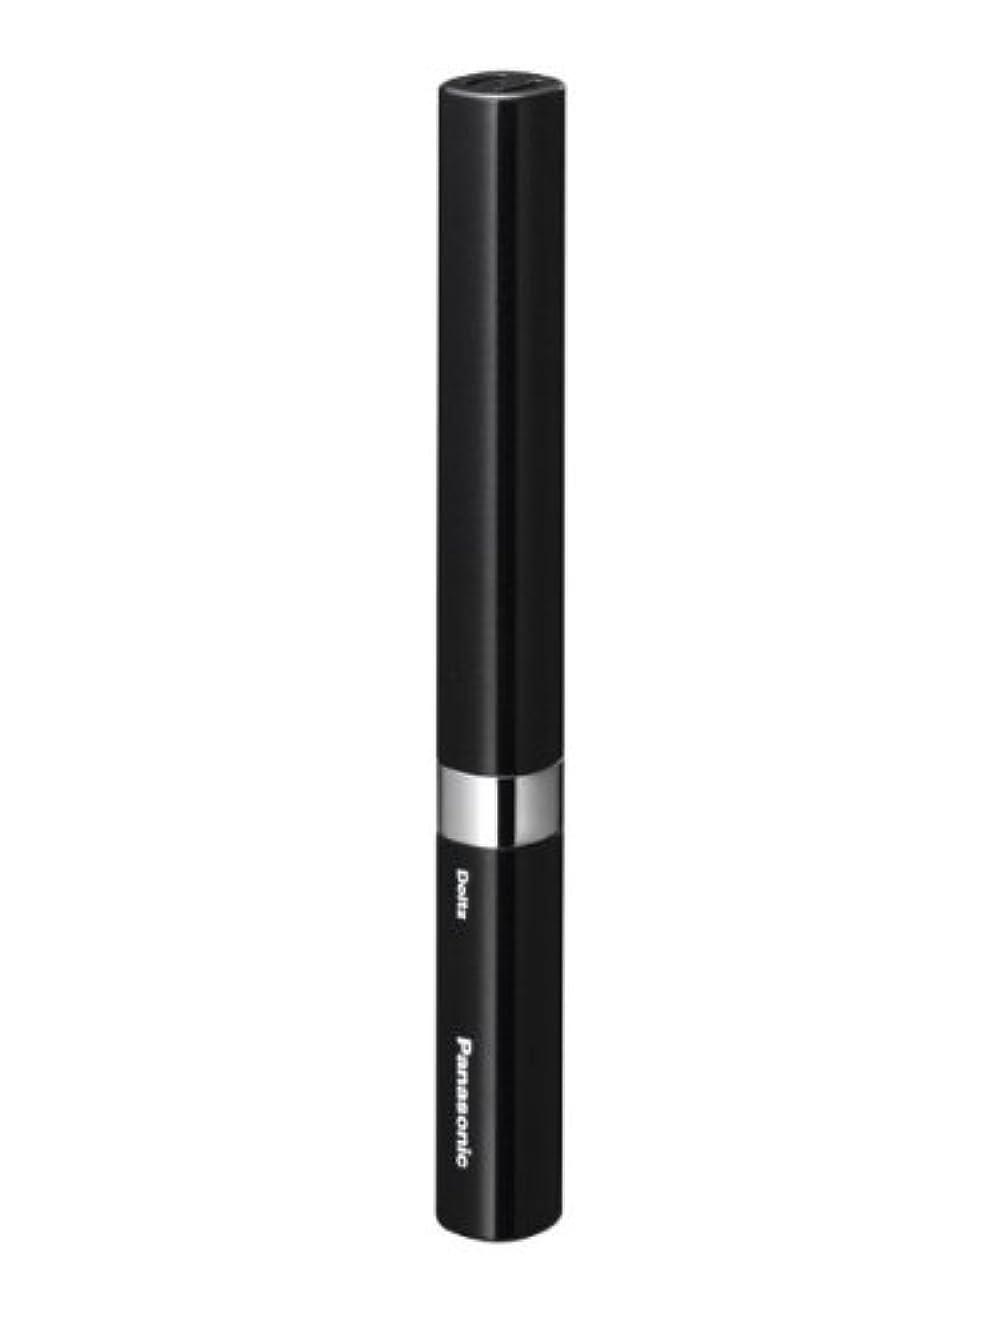 可愛い俳優魅惑的なパナソニック 音波振動ハブラシ ポケットドルツ 黒 EW-DS14-K